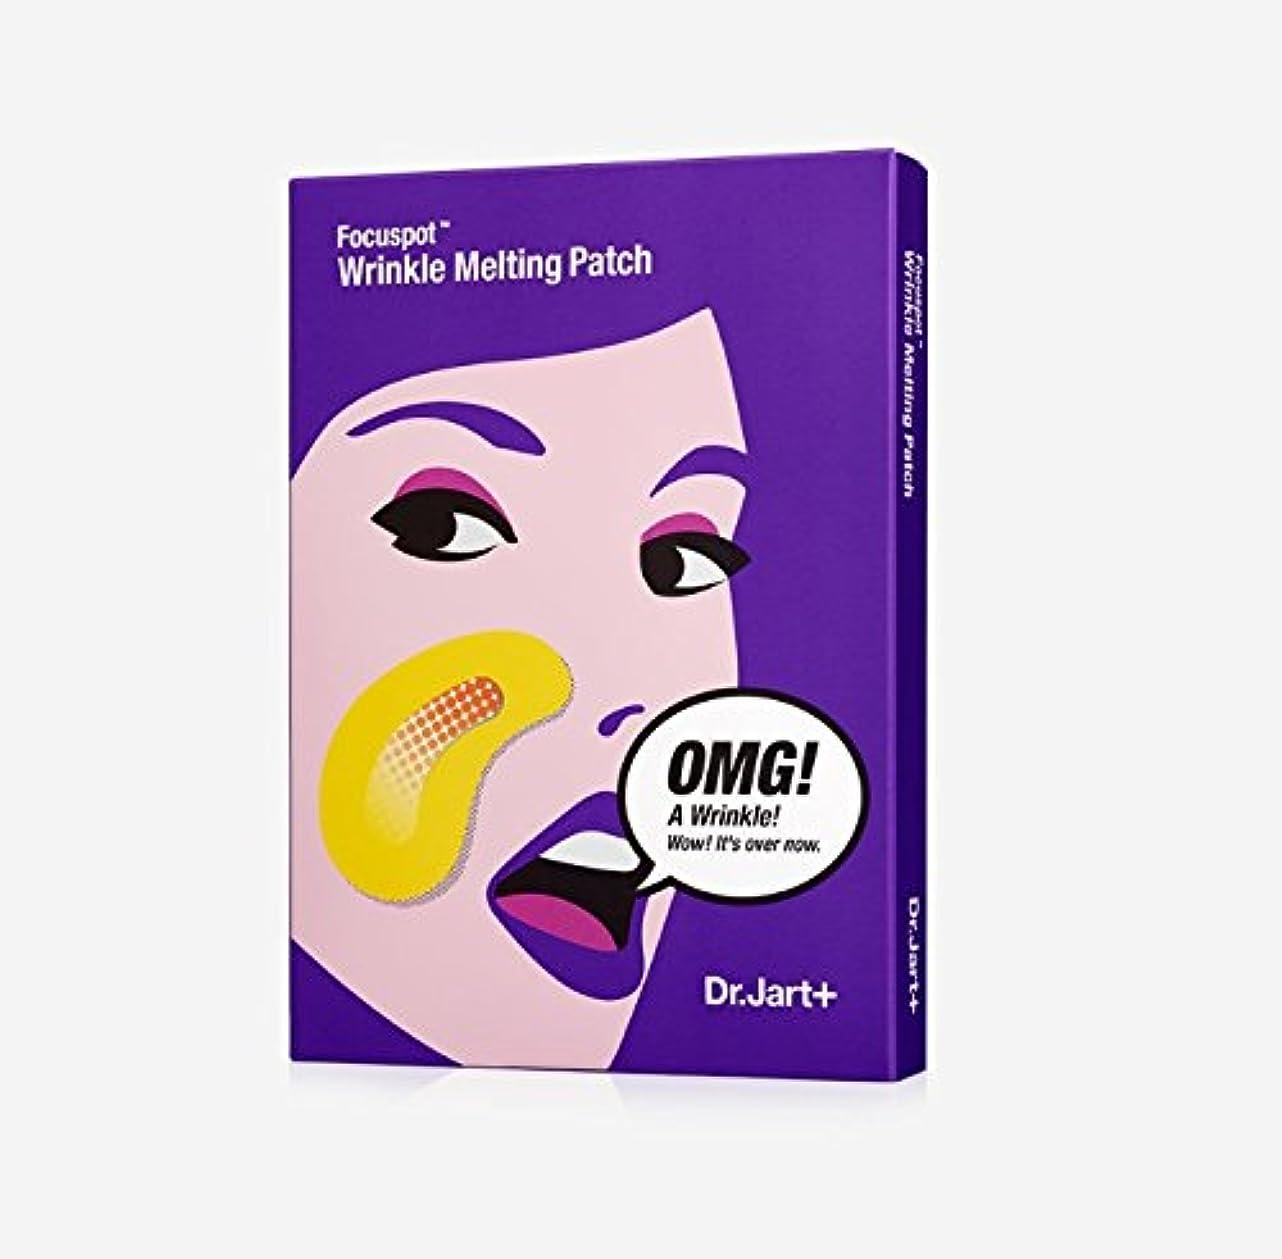 保護する内訳上げる[Dr.Jart+] ドクタージャルトゥ ポーカースポット リンクル メルティング パッチ 5回分/Focuspot Wrinkle Melting Patch [並行輸入品]